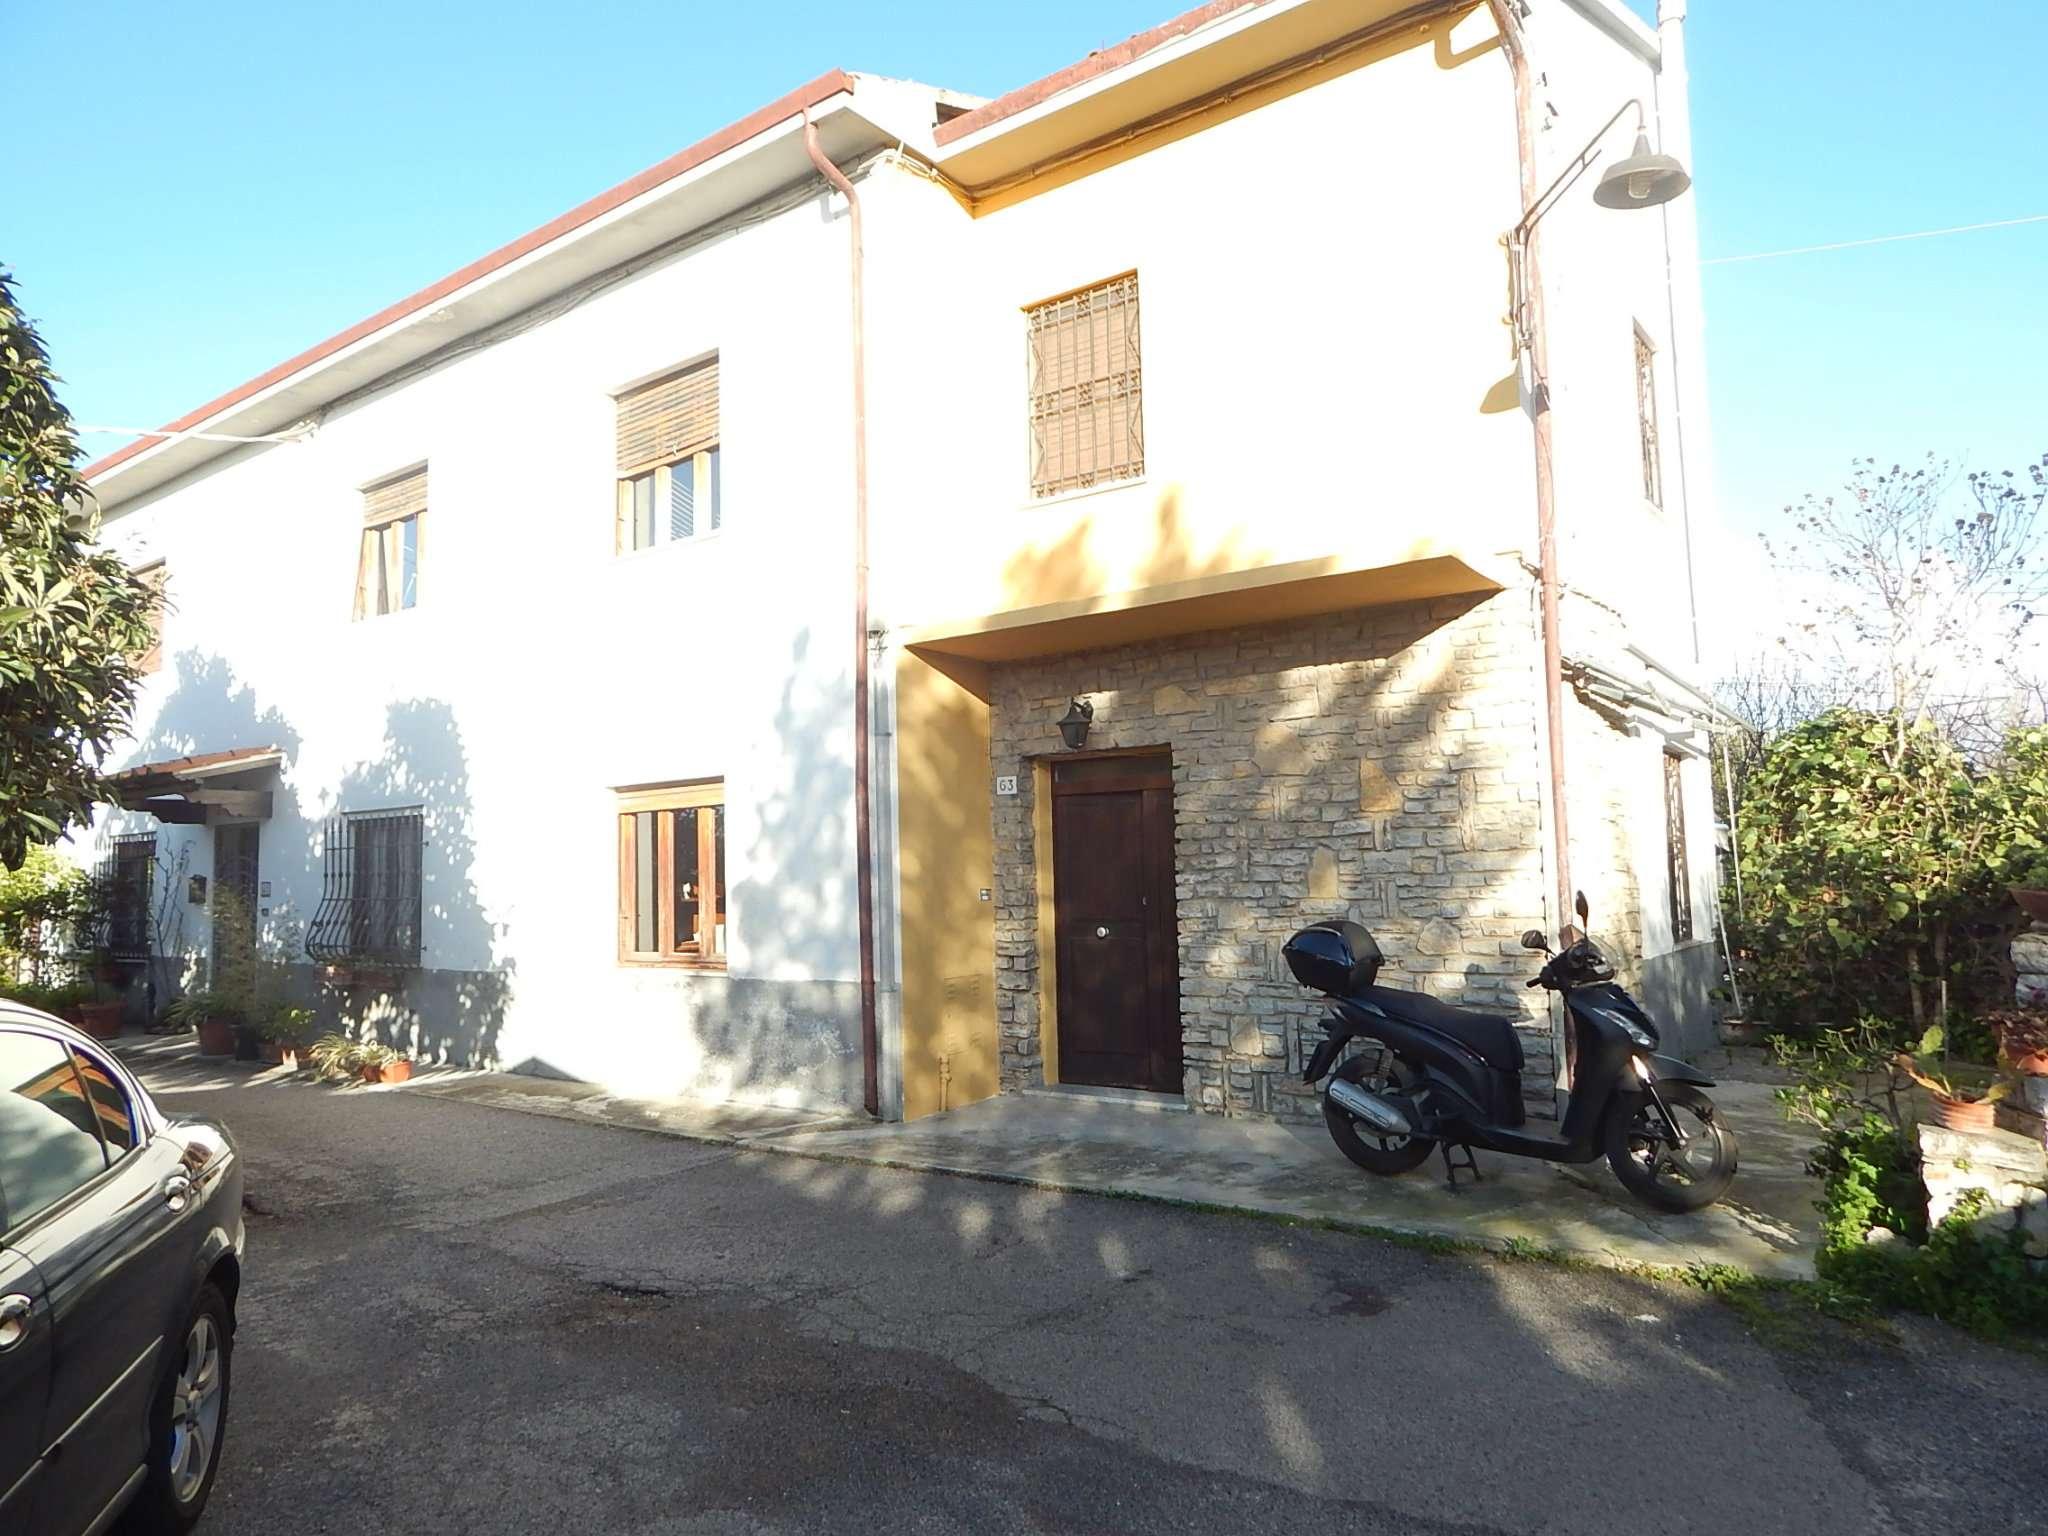 Palazzo / Stabile in vendita a Pisa, 4 locali, prezzo € 123.000 | CambioCasa.it